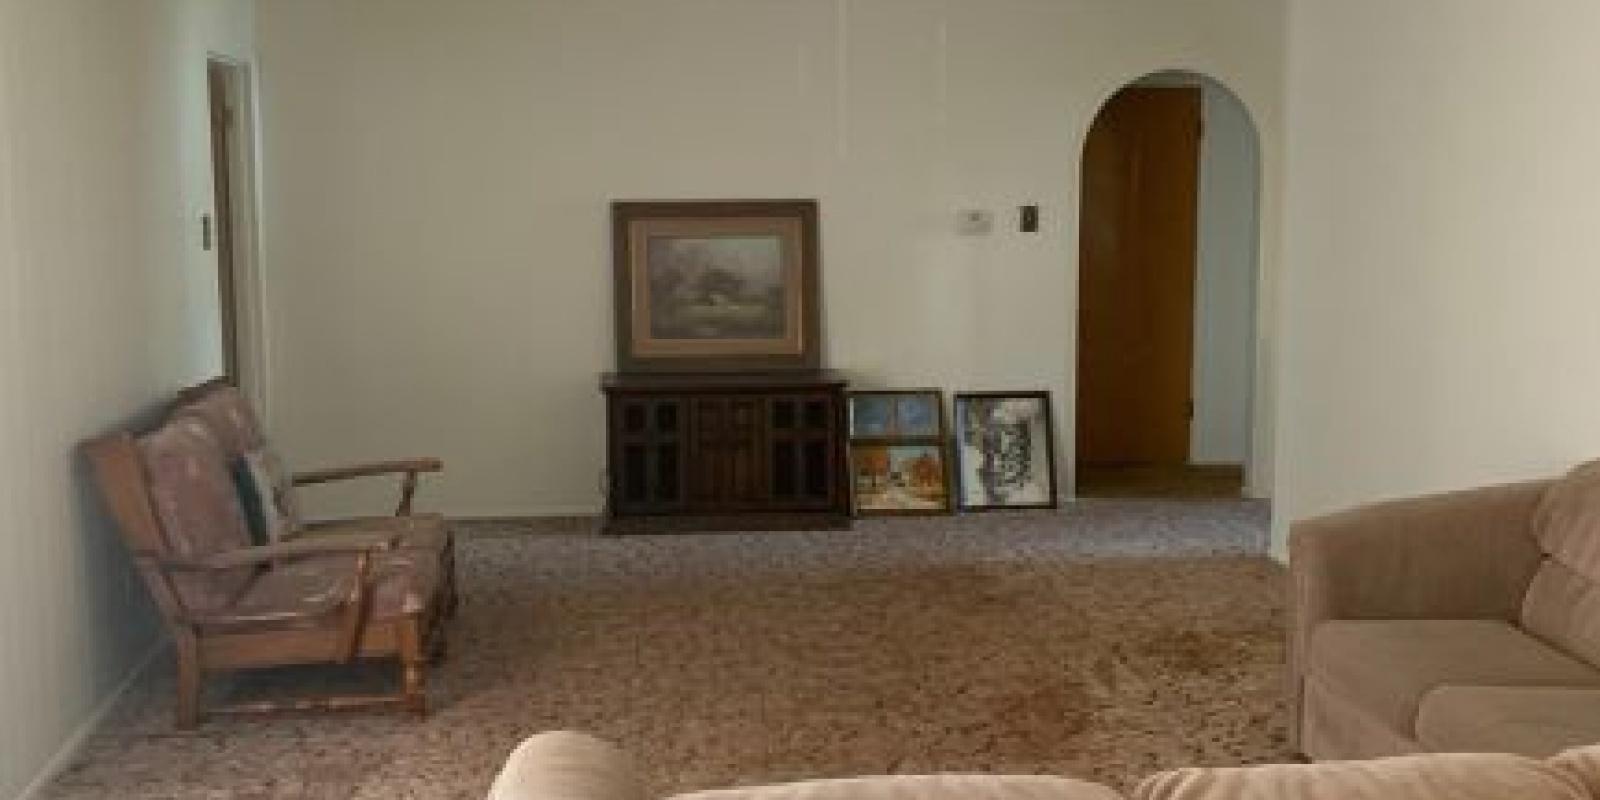 708 N. Skylane Dr, Uvalde, 78801, 3 Bedrooms Bedrooms, 9 Rooms Rooms,2 BathroomsBathrooms,Residential,Sold,N. Skylane Dr,1,1109